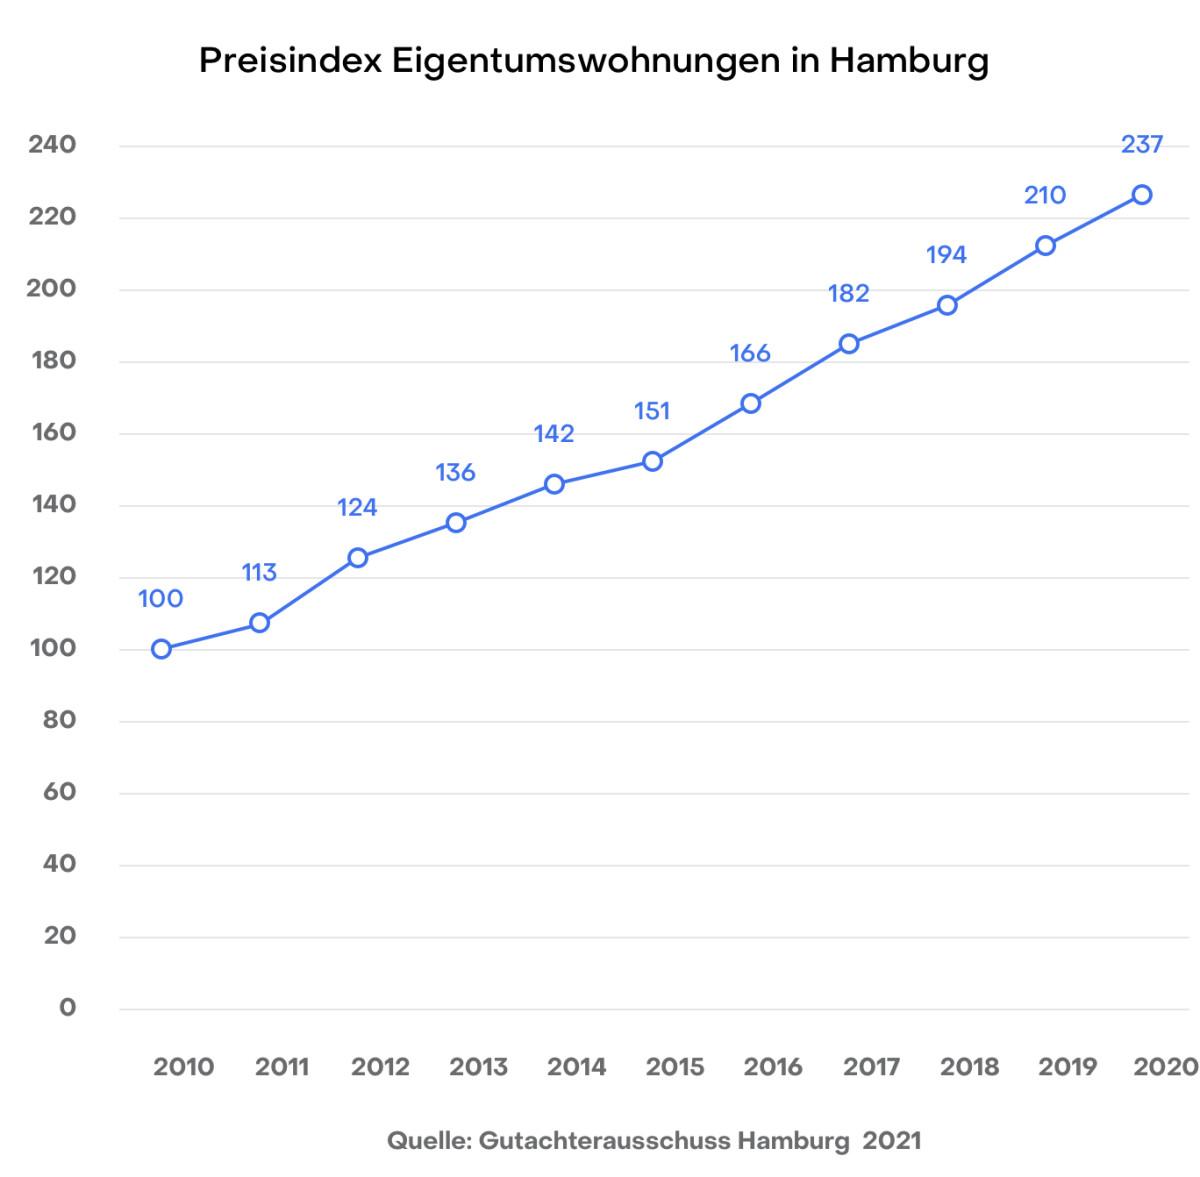 Hamburg Preisindex Wohnungen Gutachterausschuss 2020